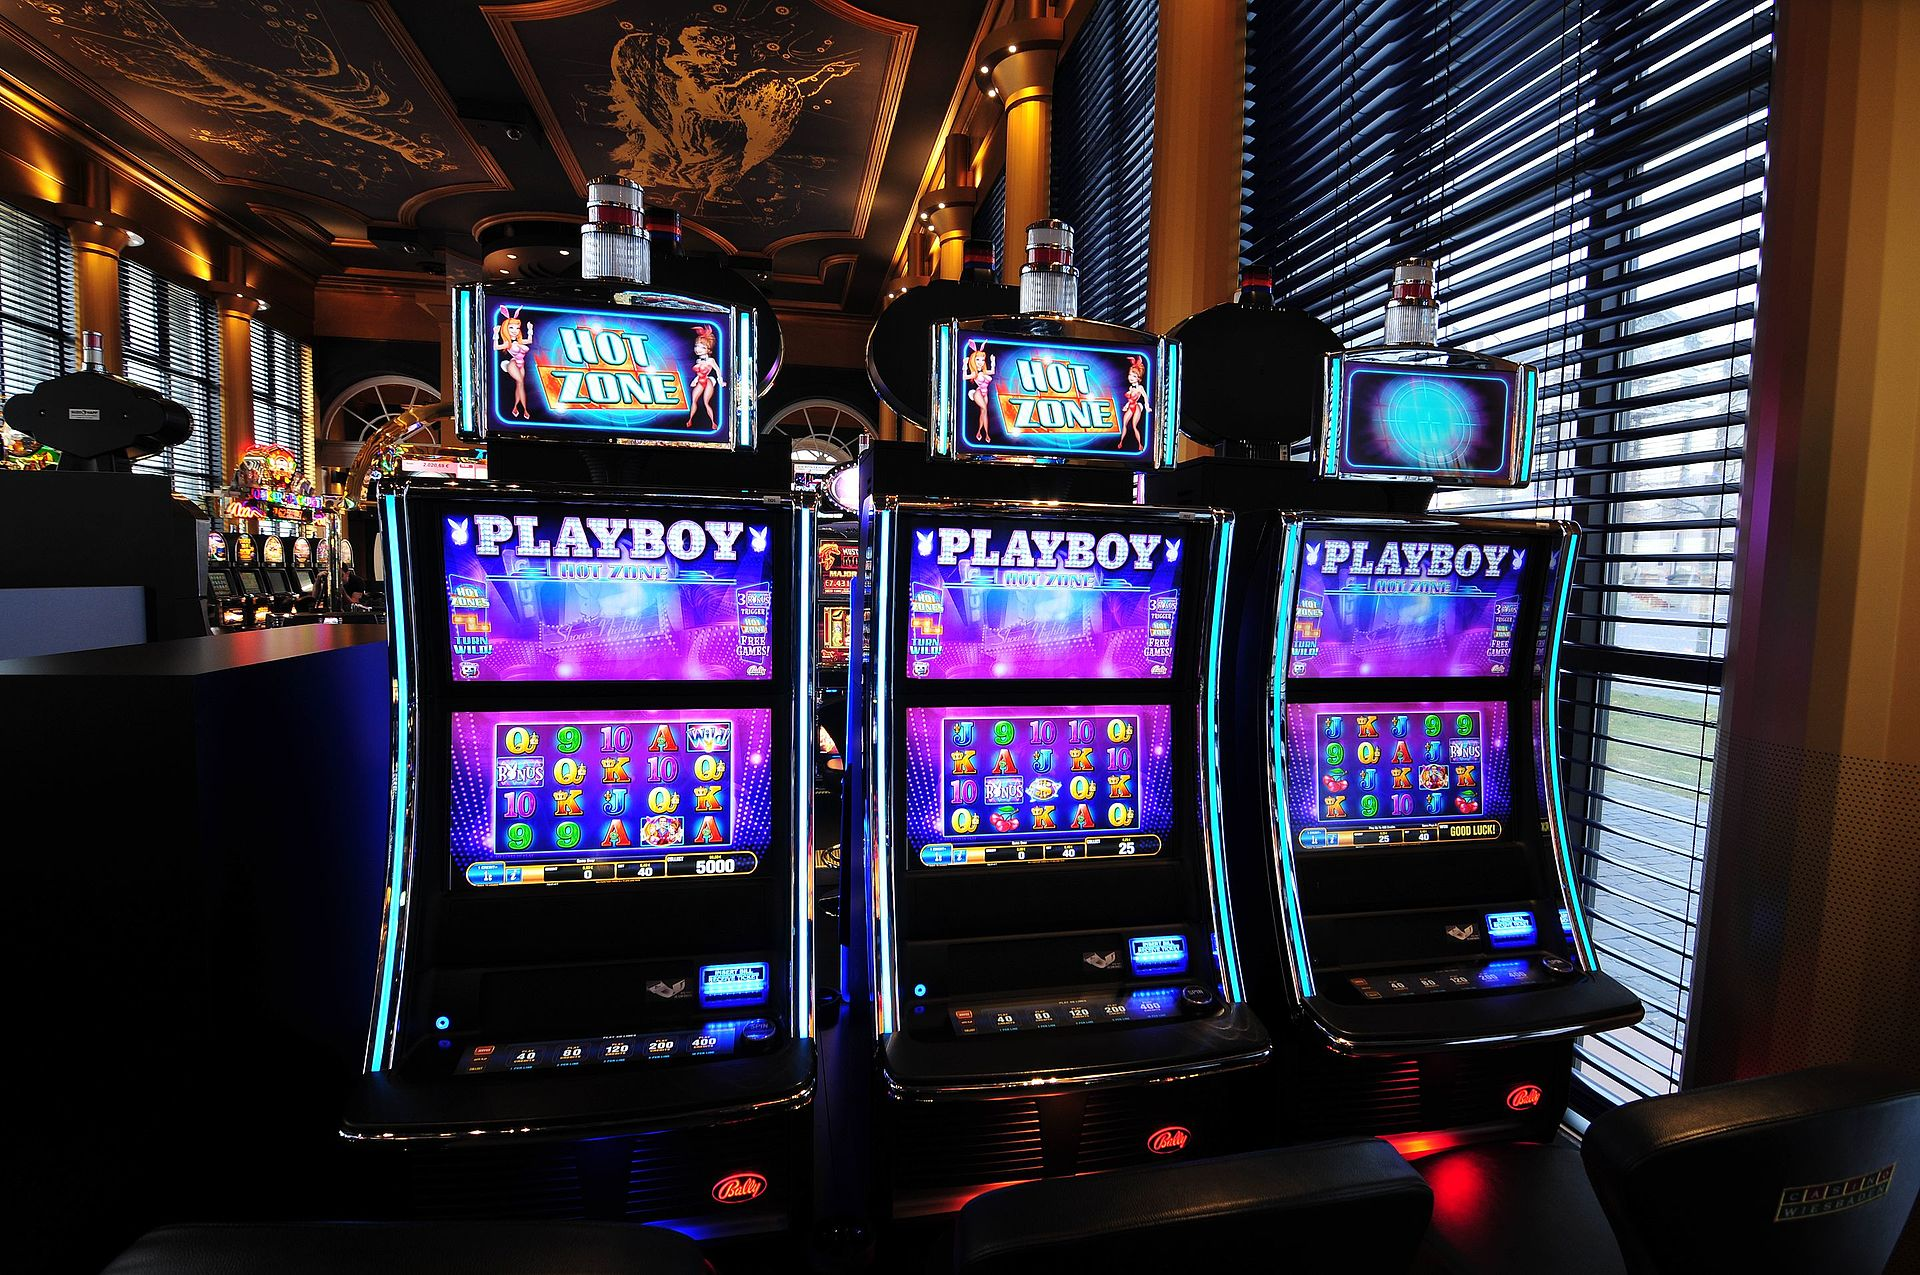 Spielbank Automatenspiel Casino 683873